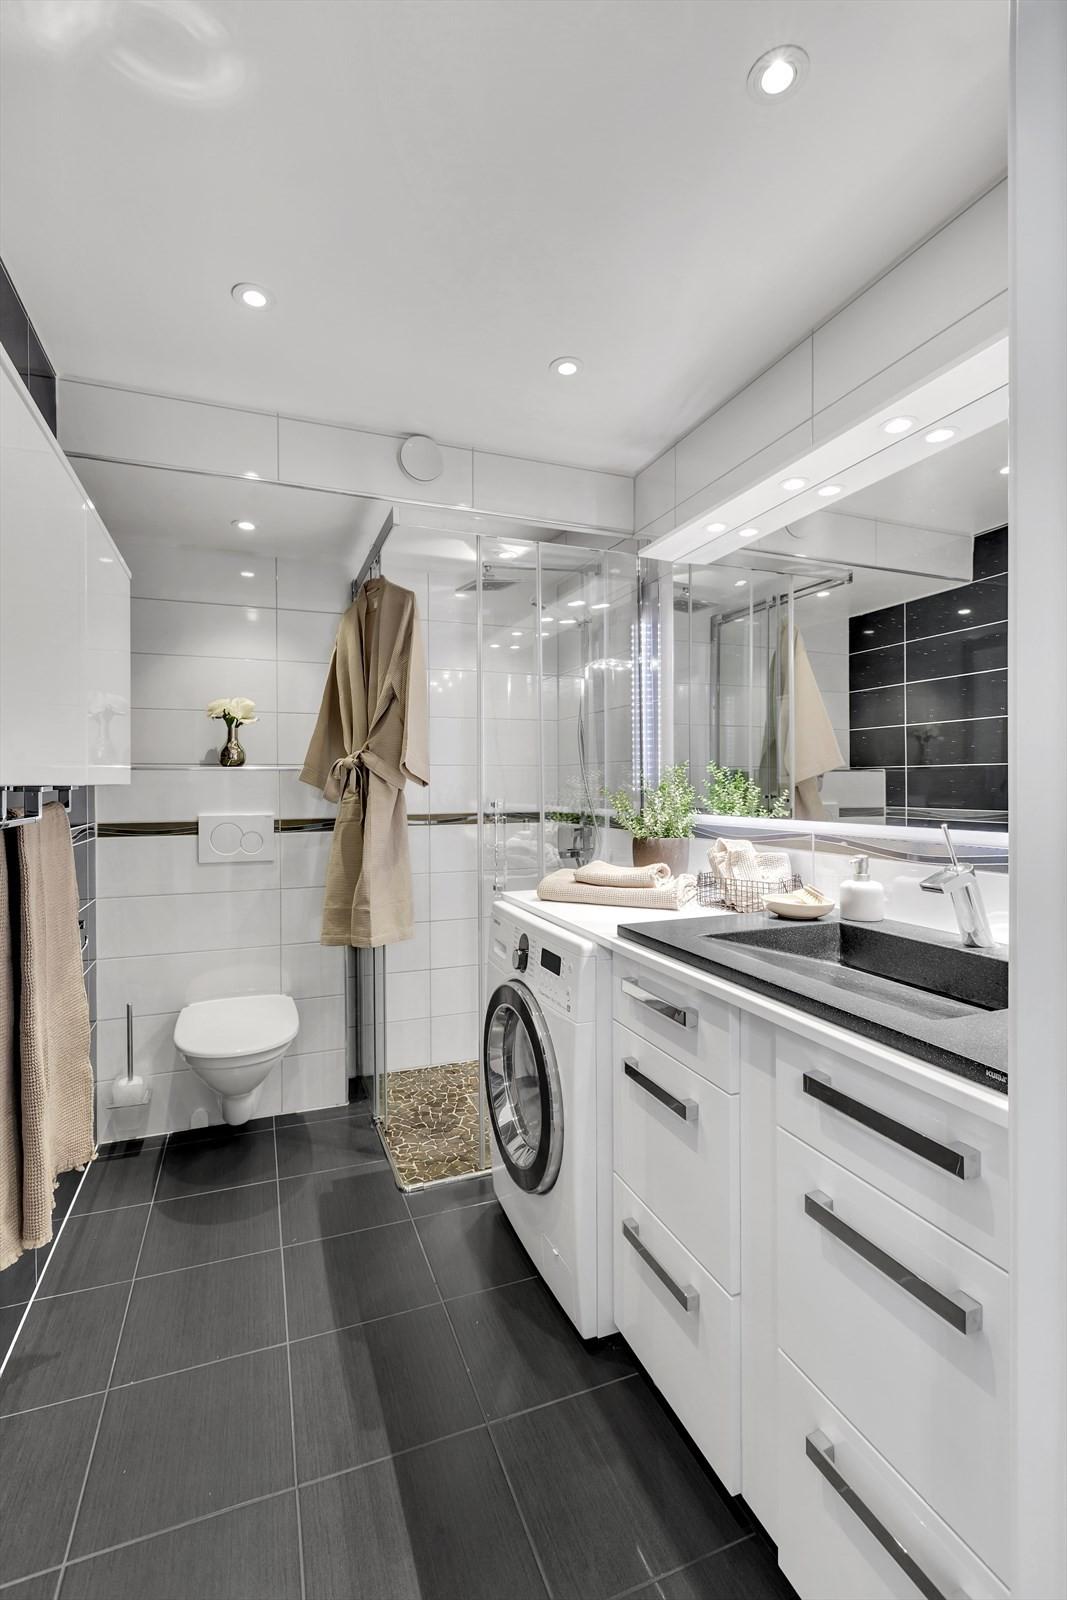 Badet er flislagt på vegger og gulv - og har flott finish på overflater og materialer.